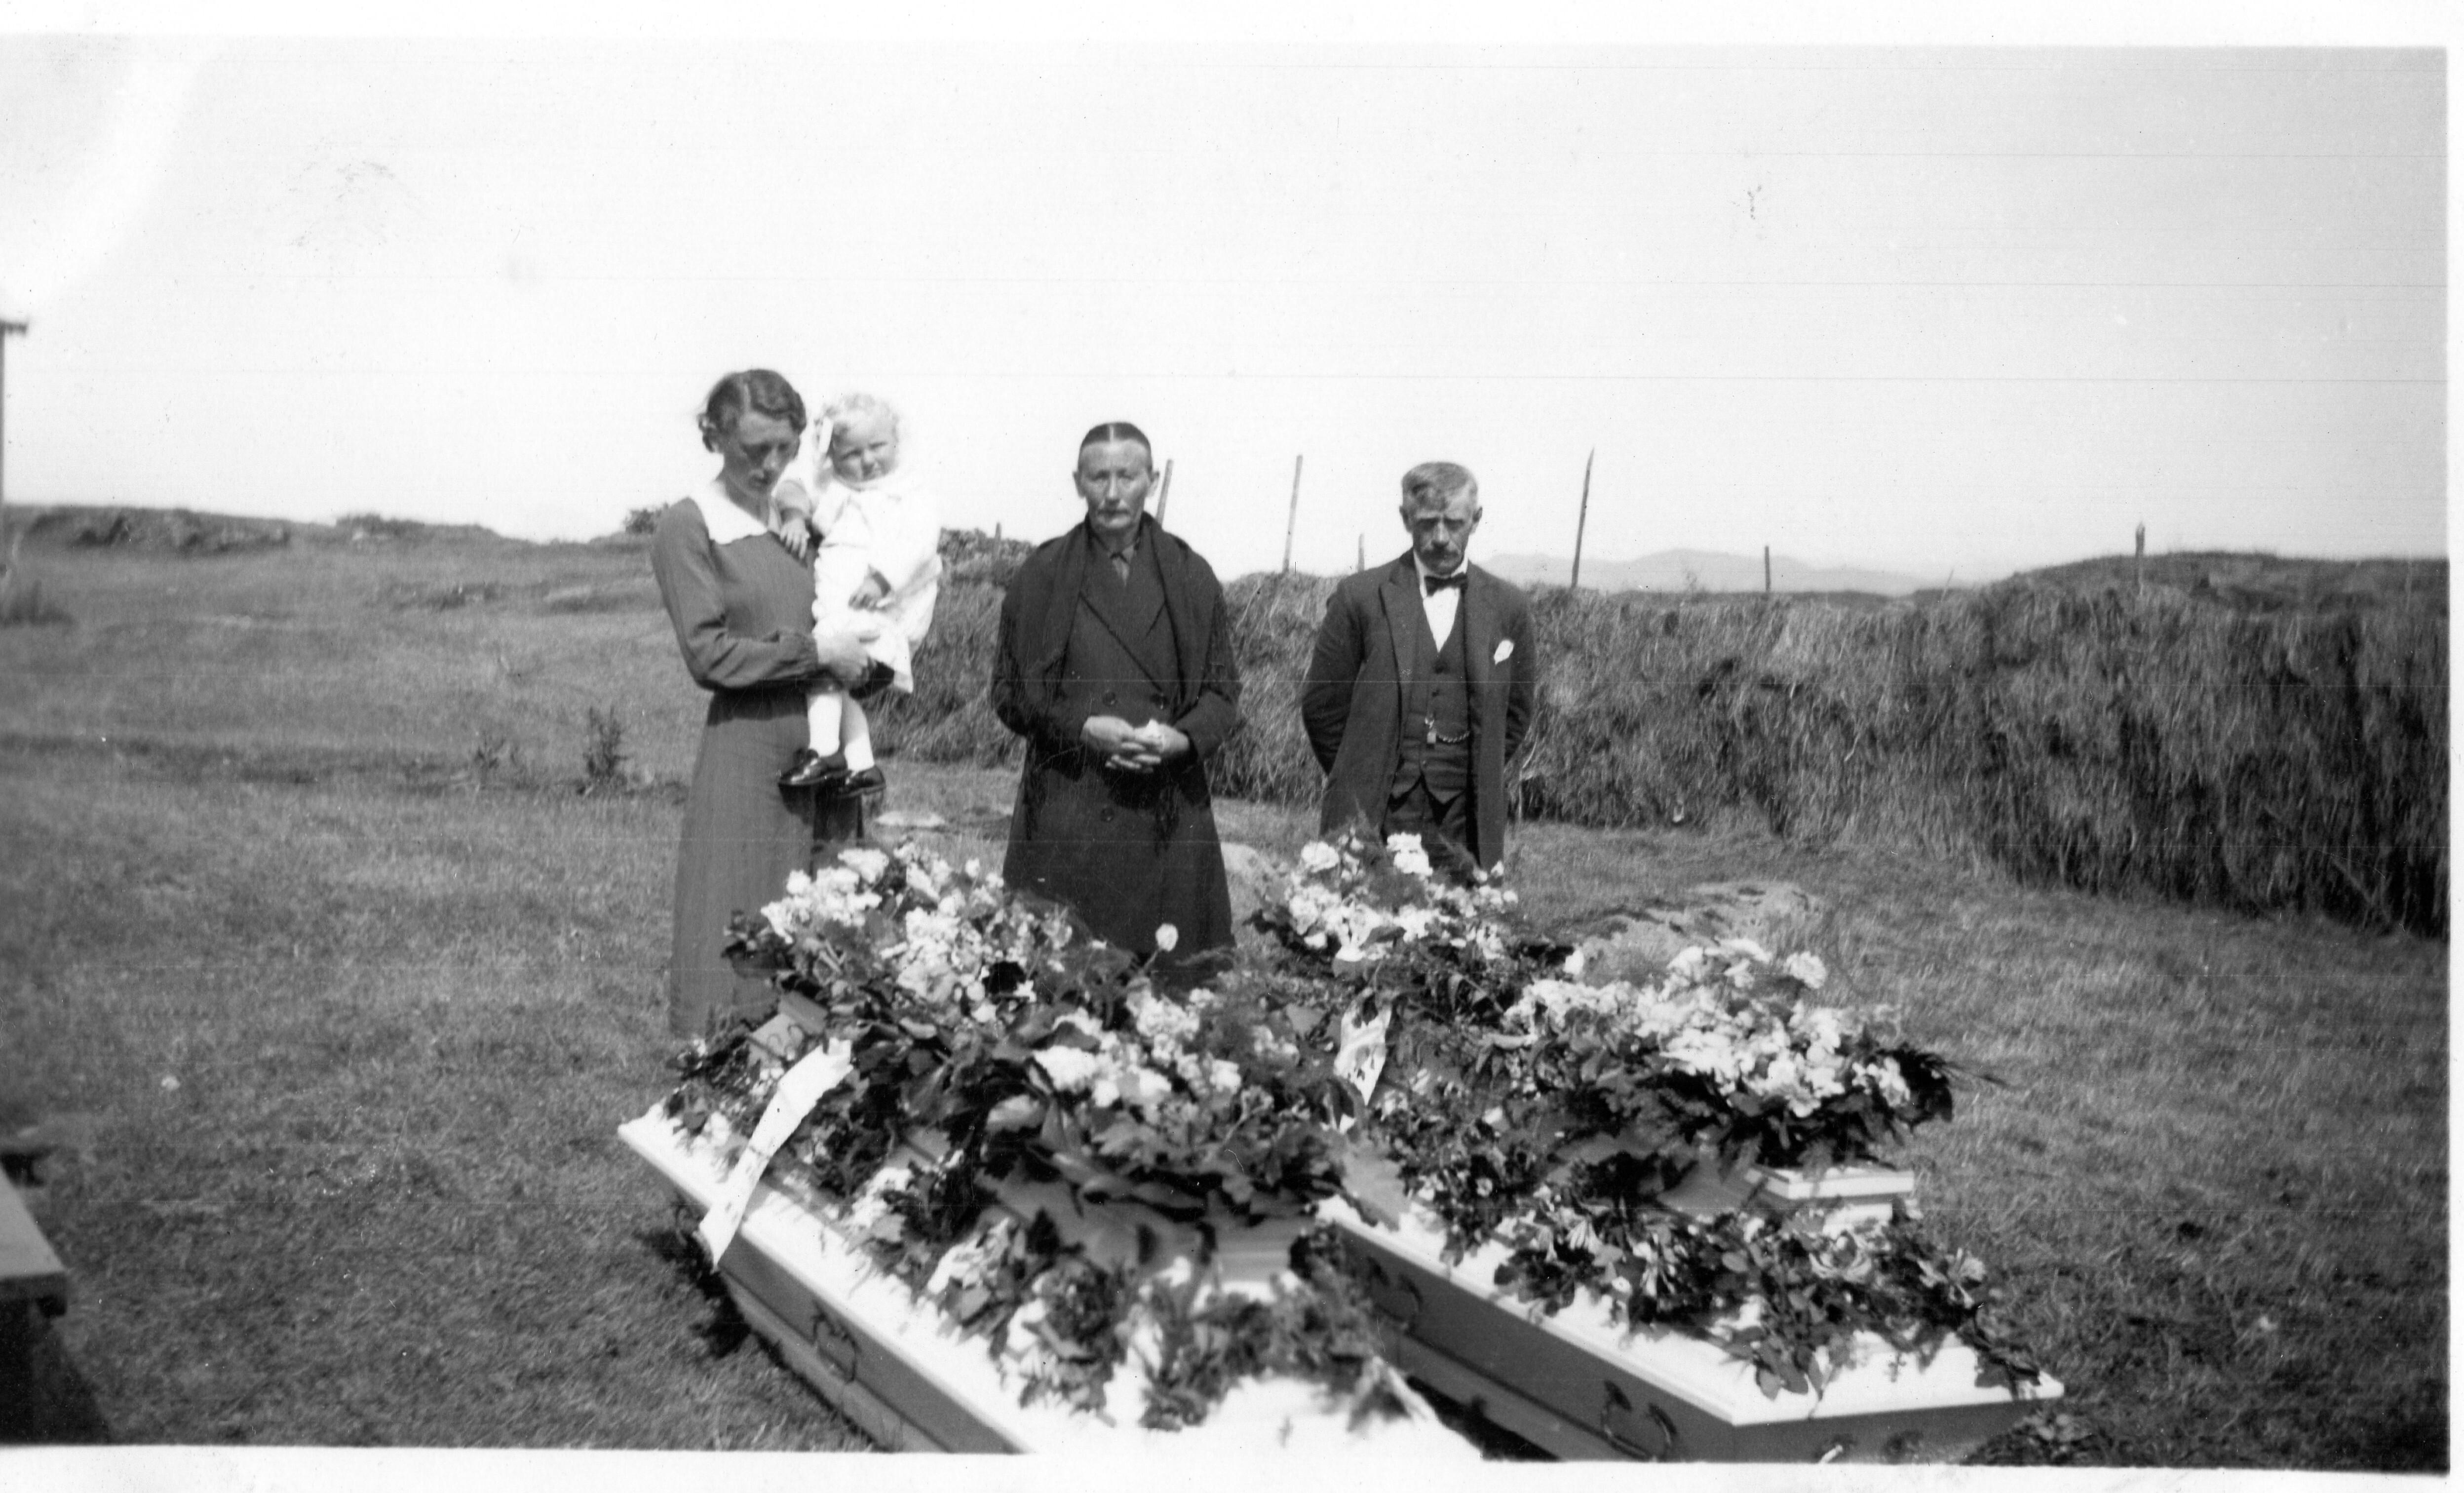 Frå den private minnestunda på Smelvær. Frå venstre: Gudrin som held Solfrid på armen, Mathilde og ein bror av Mathilde.